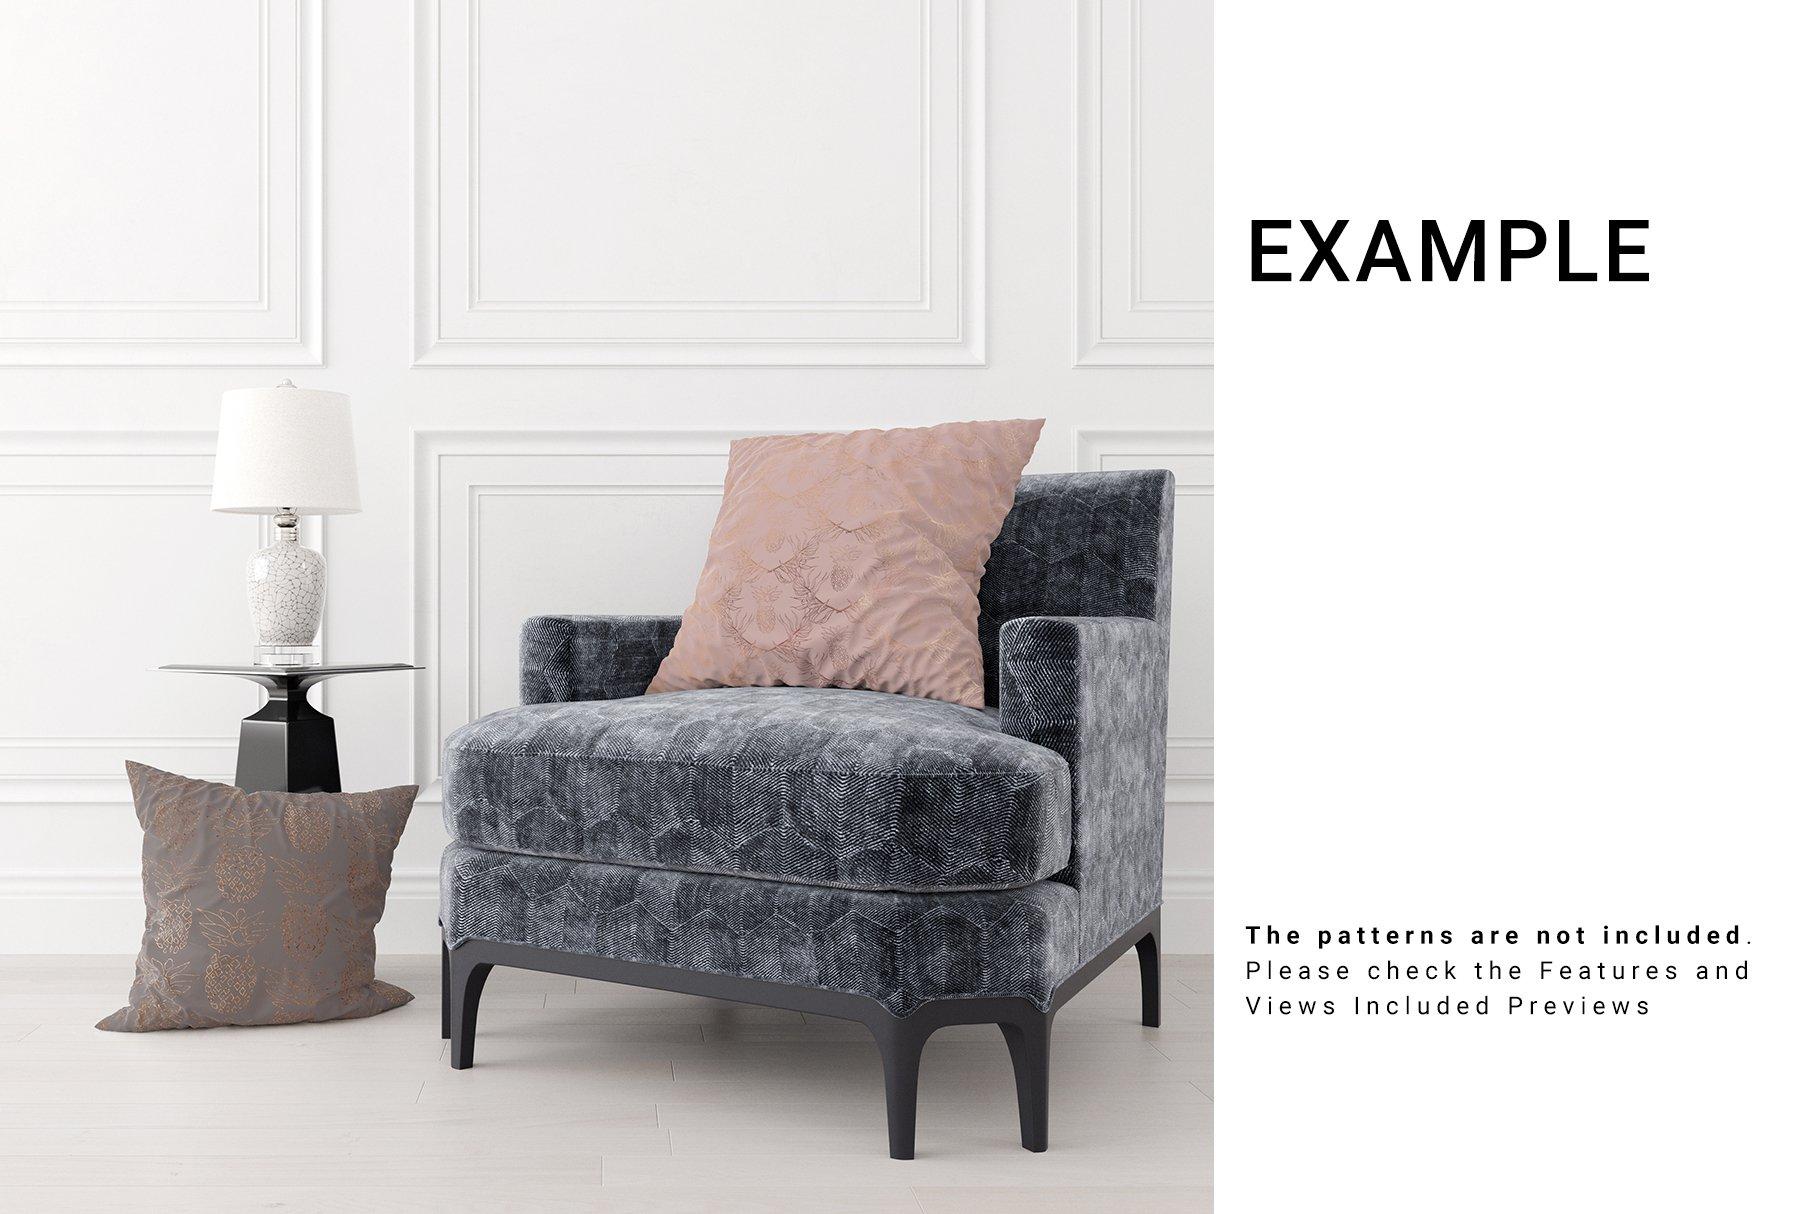 Luxury Interior Throw Pillows Set example image 6